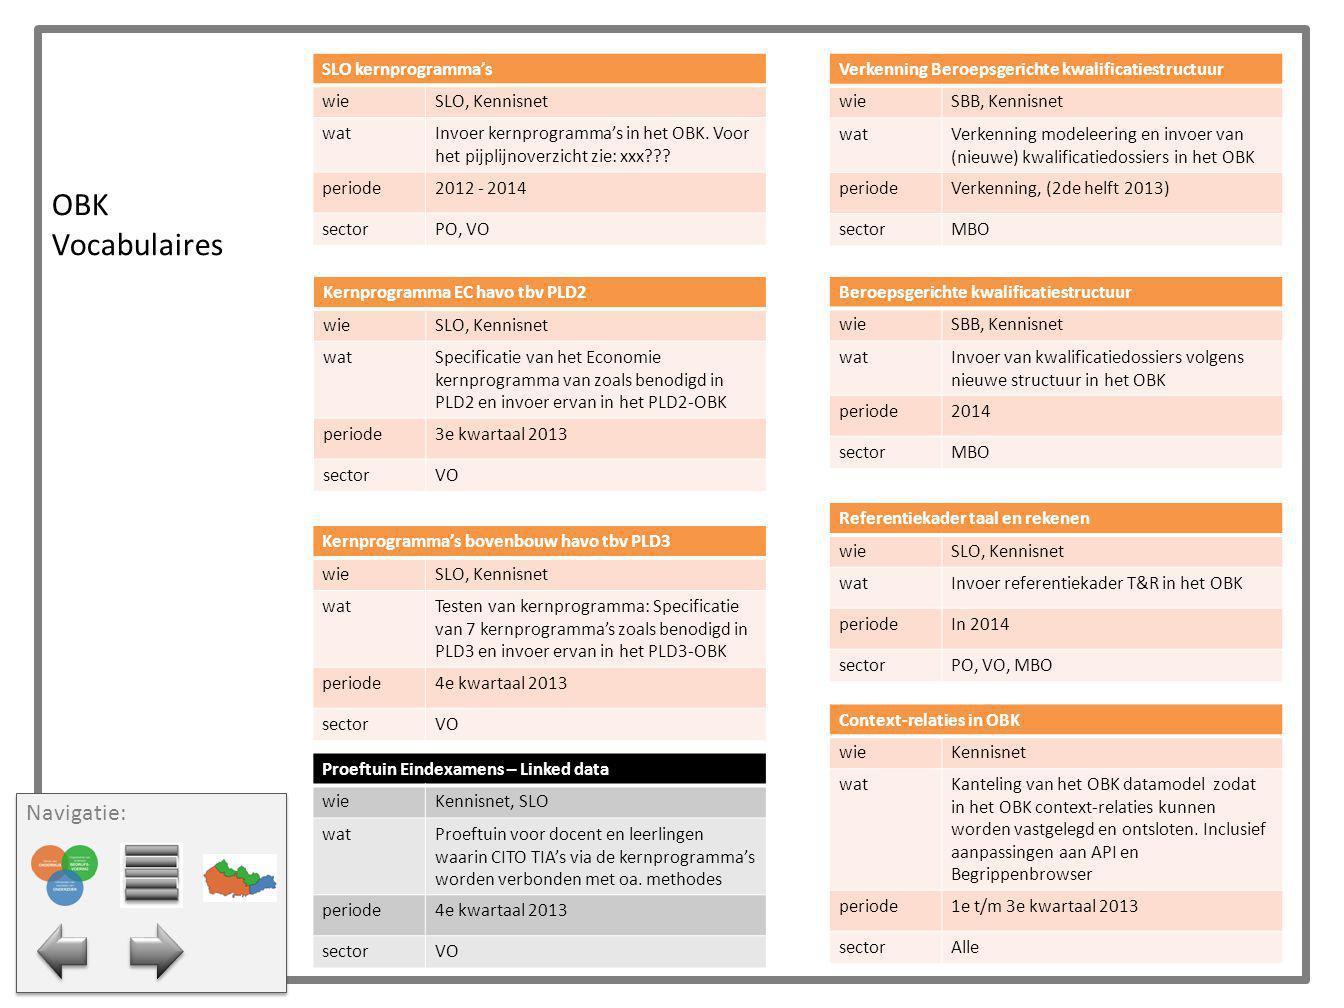 OBK Vocabulaires Navigatie: SLO kernprogramma's wie SLO, Kennisnet wat